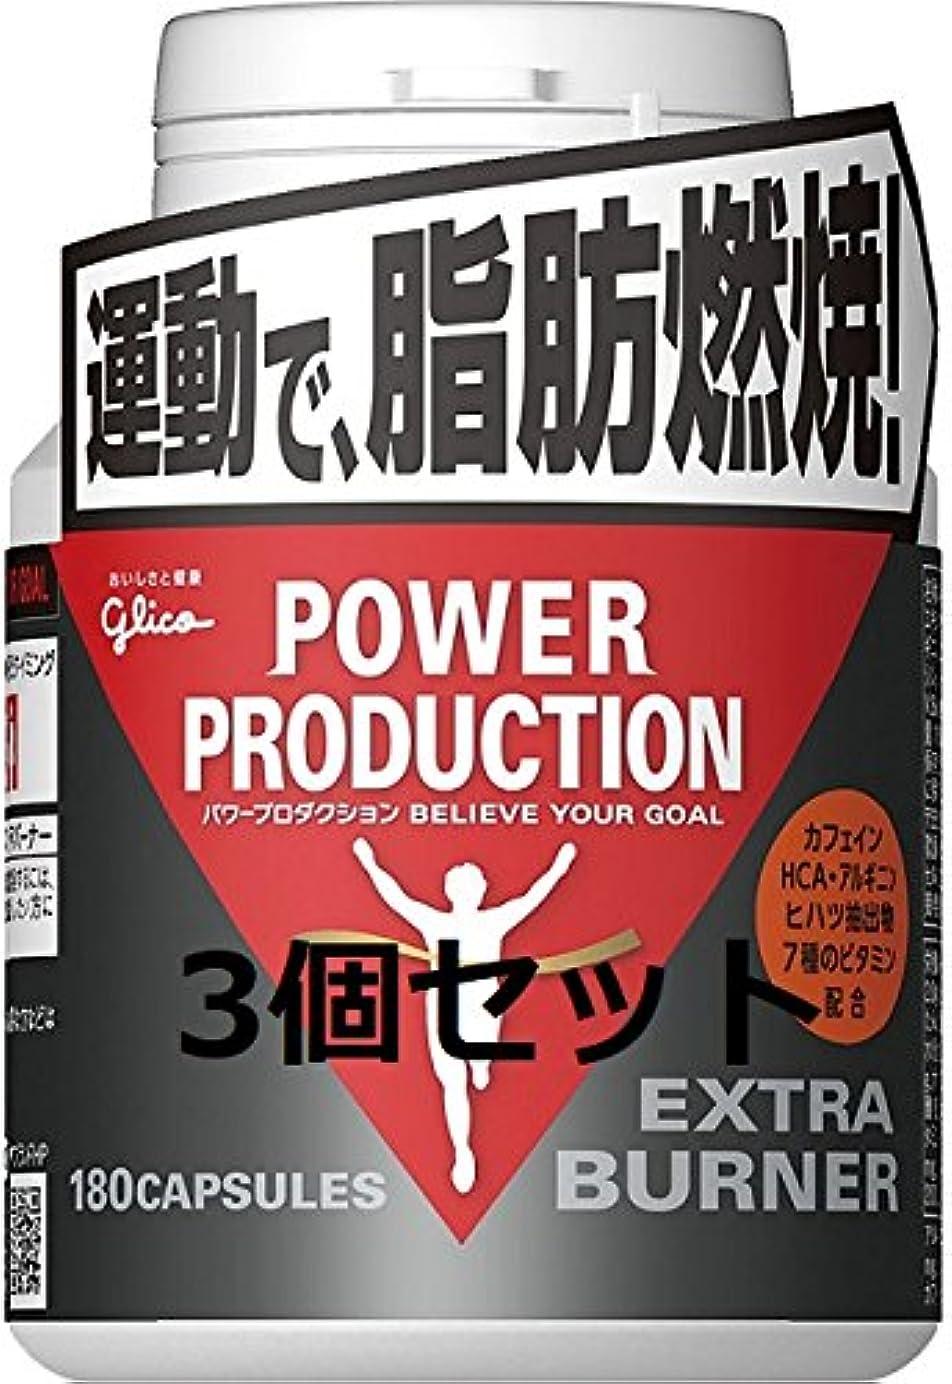 割れ目受け取る何グリコパワープロダクション エキストラバーナー 59.9g(お買い得3個セット)